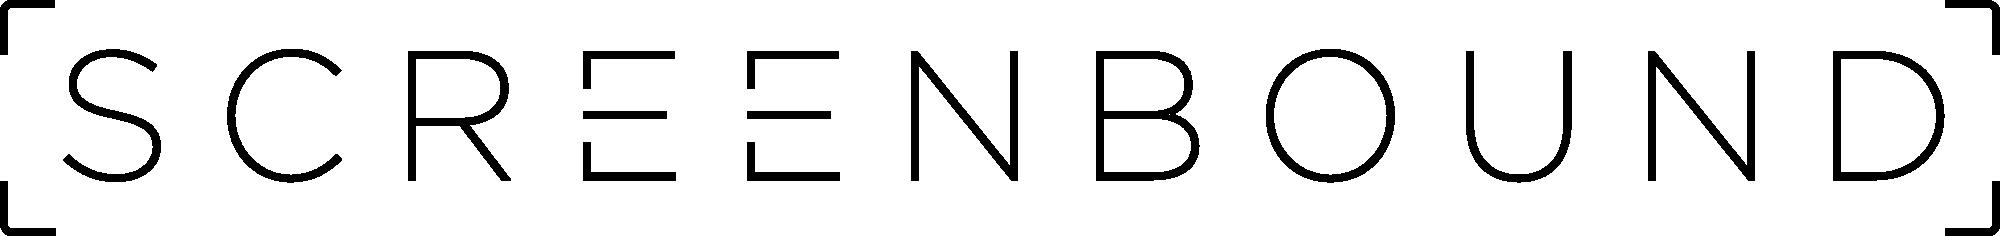 Screenbound-Logo-Black-on-Transparent.png